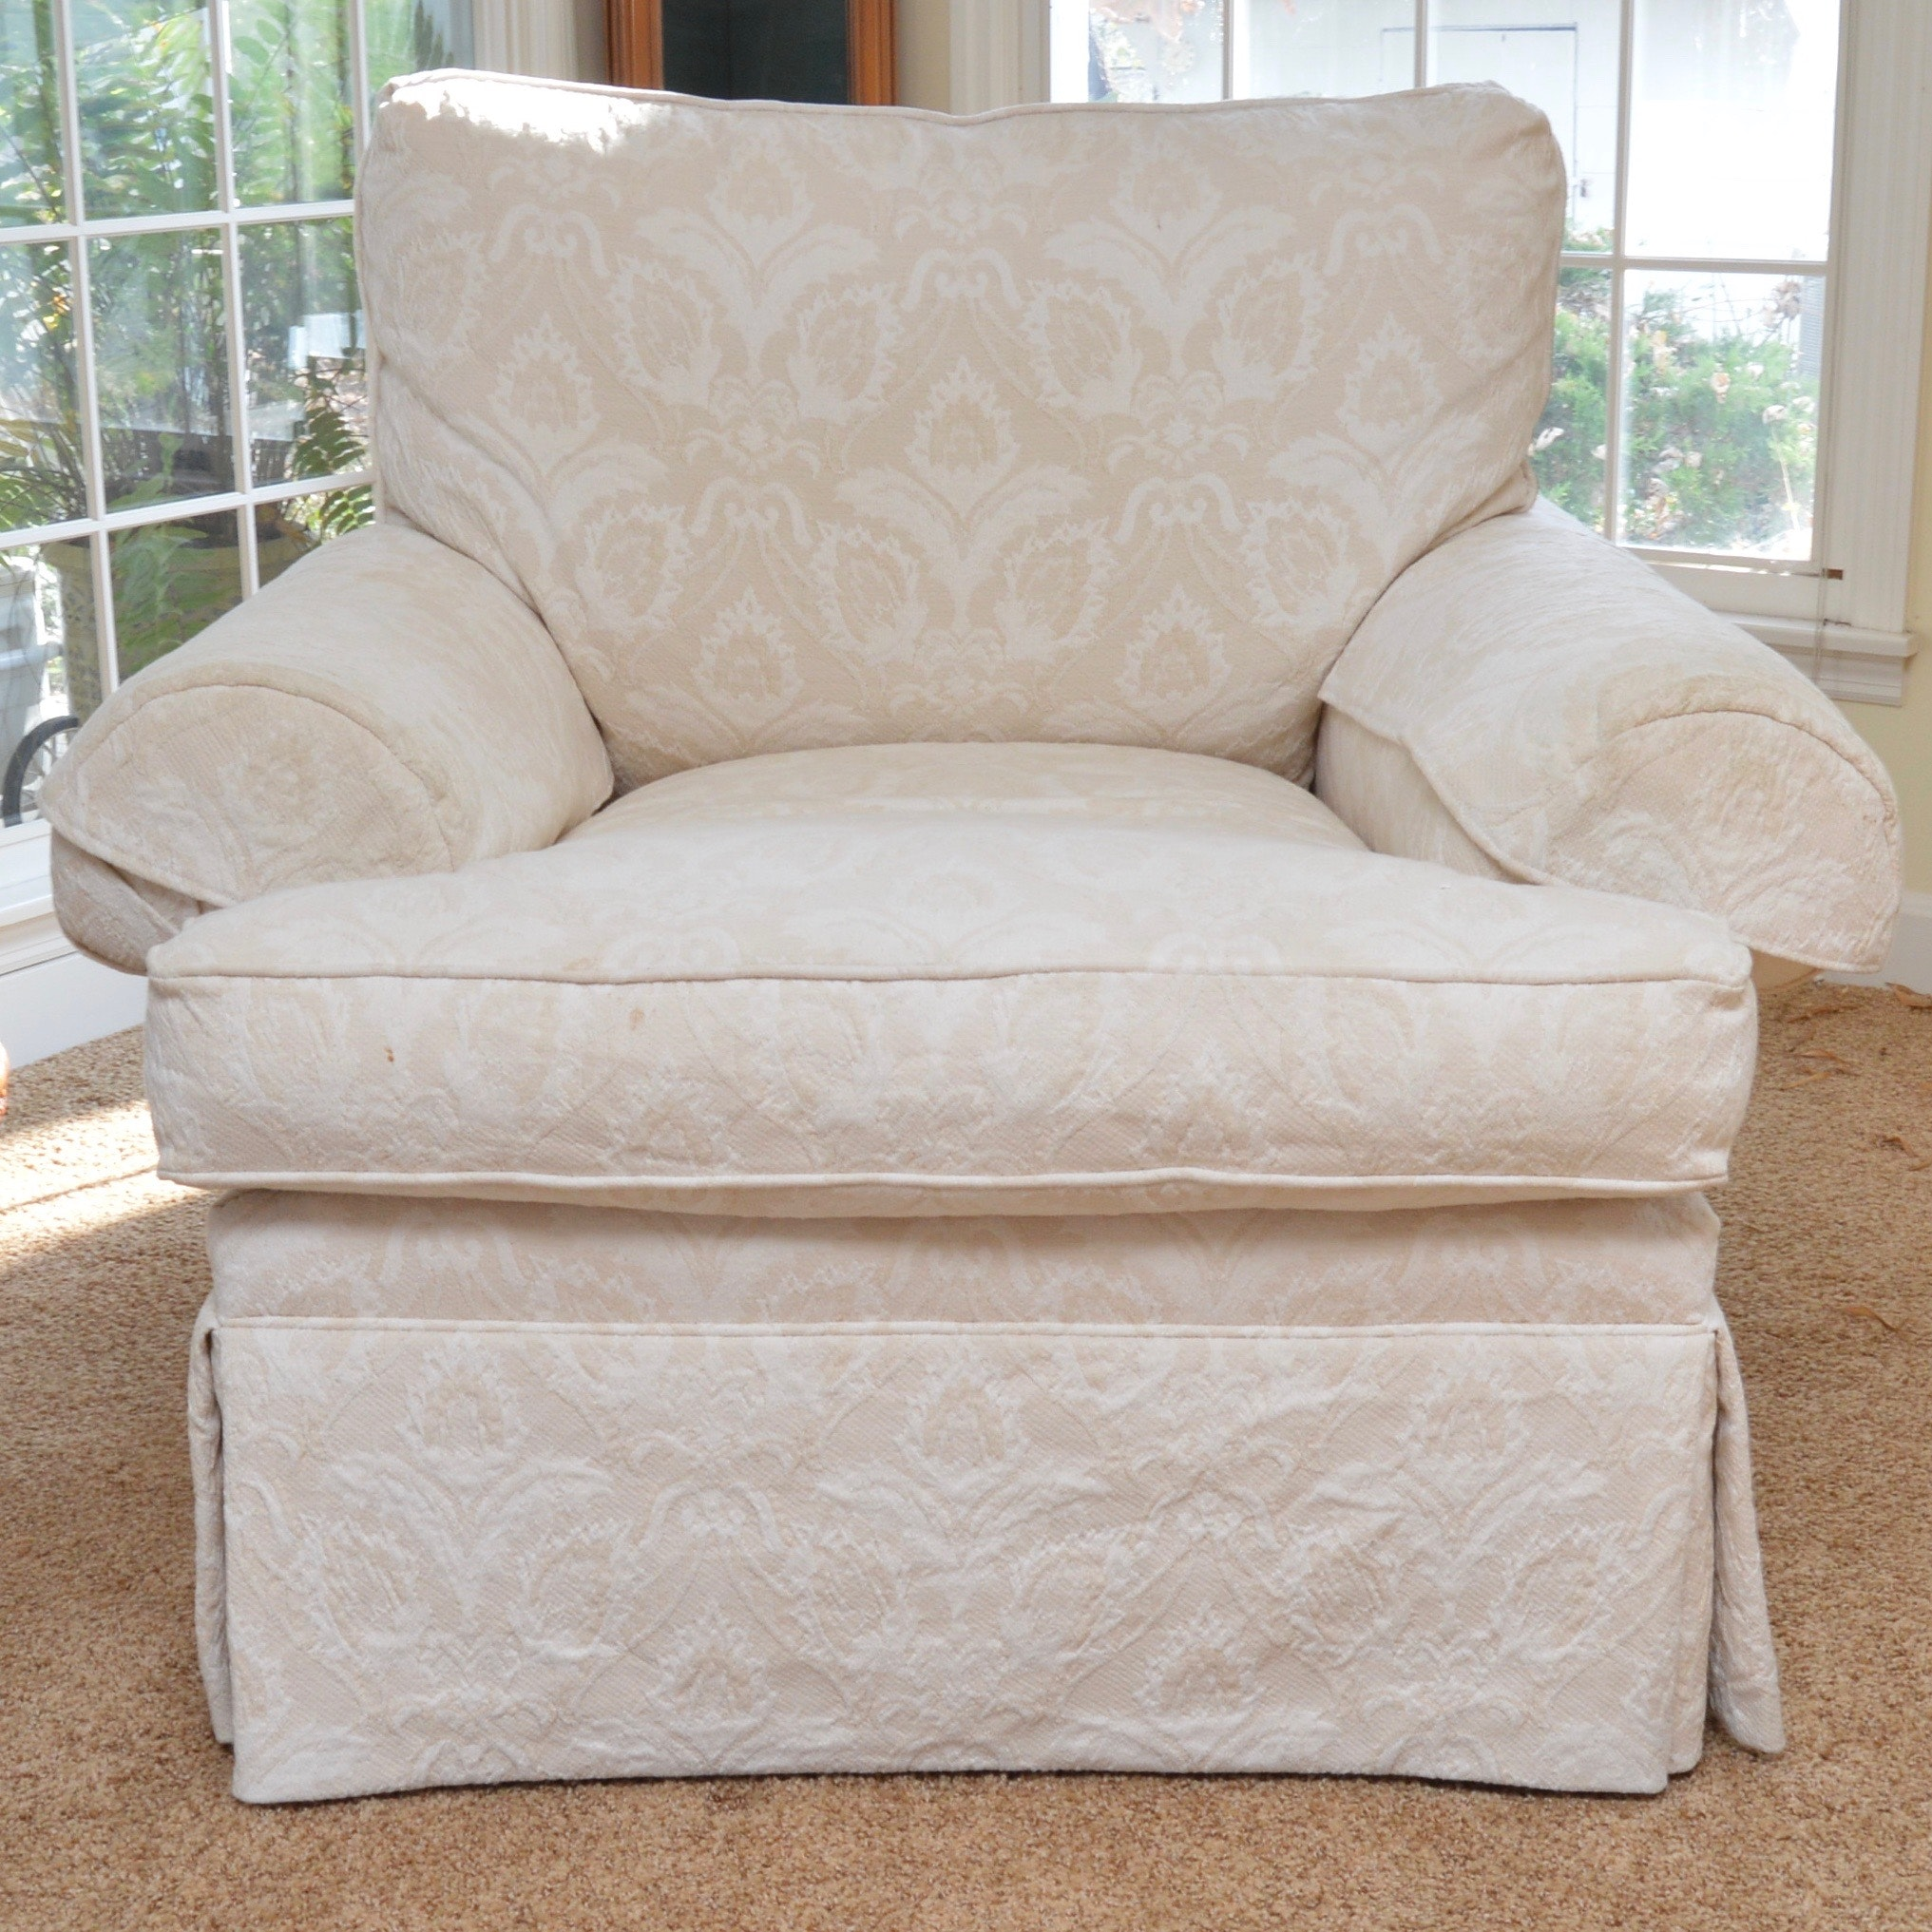 Damask Ultra Plush Armchair By Henredon Furniture ...